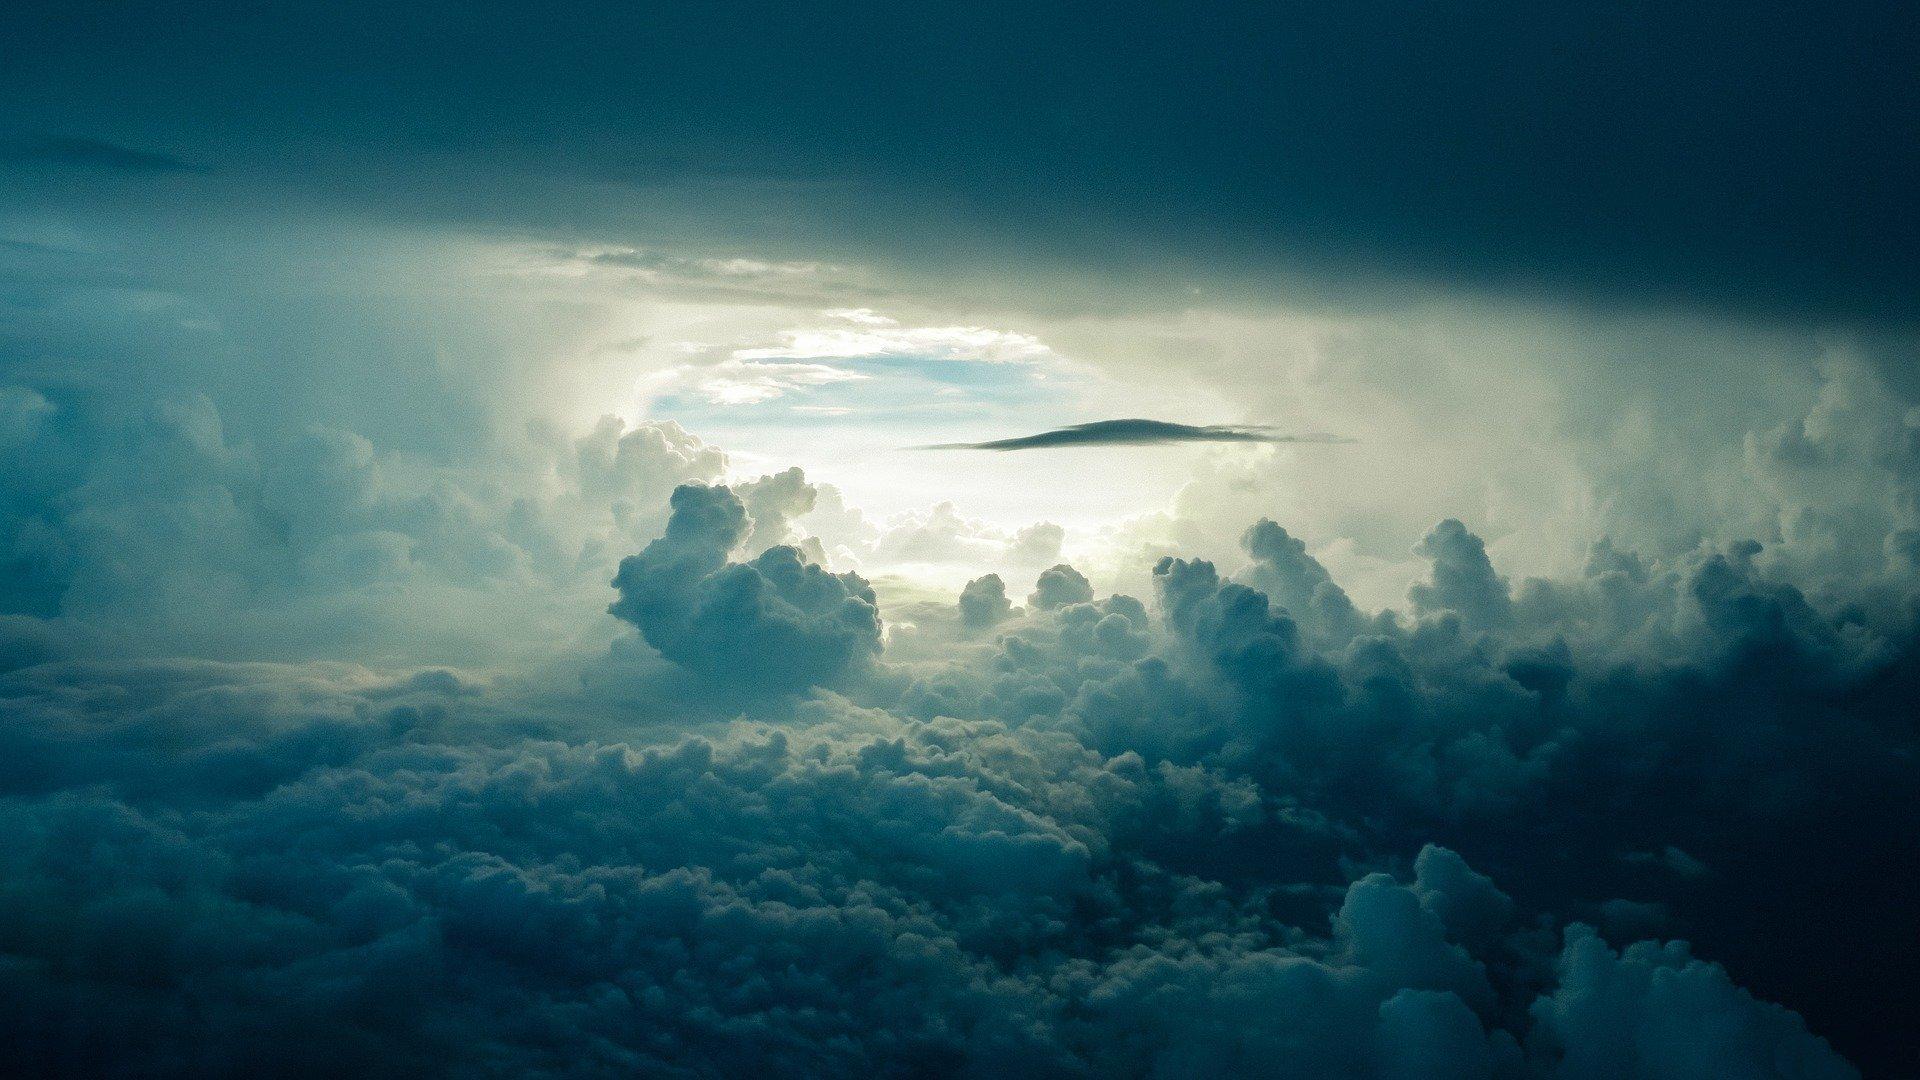 دادههای ماهوارهای از تاثیر افزایشی ابرها روی گرمایش جهانی خبر میدهد